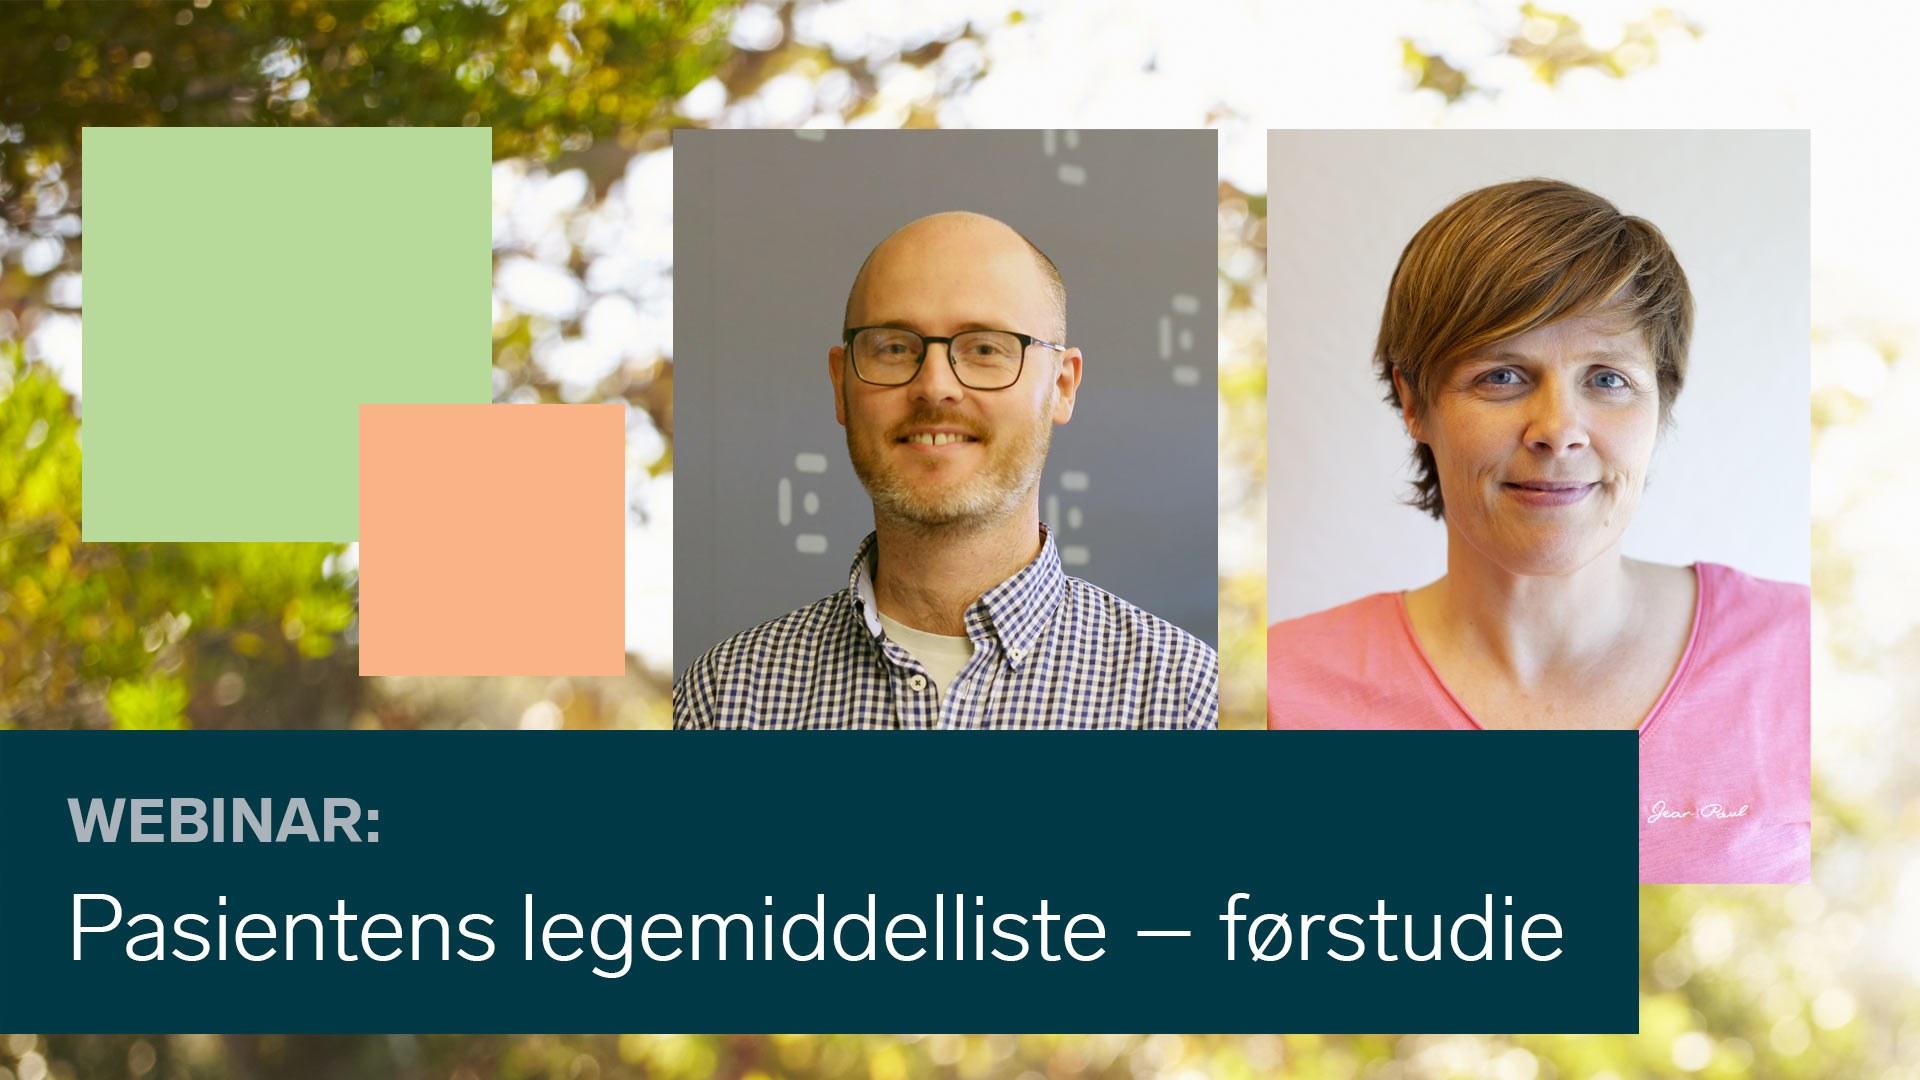 Få et innblikk i utfordringene til leger, sykepleiere og farmasøyter i foredraget til Unn Sollid Manskow og Truls Tunby Kristiansen.